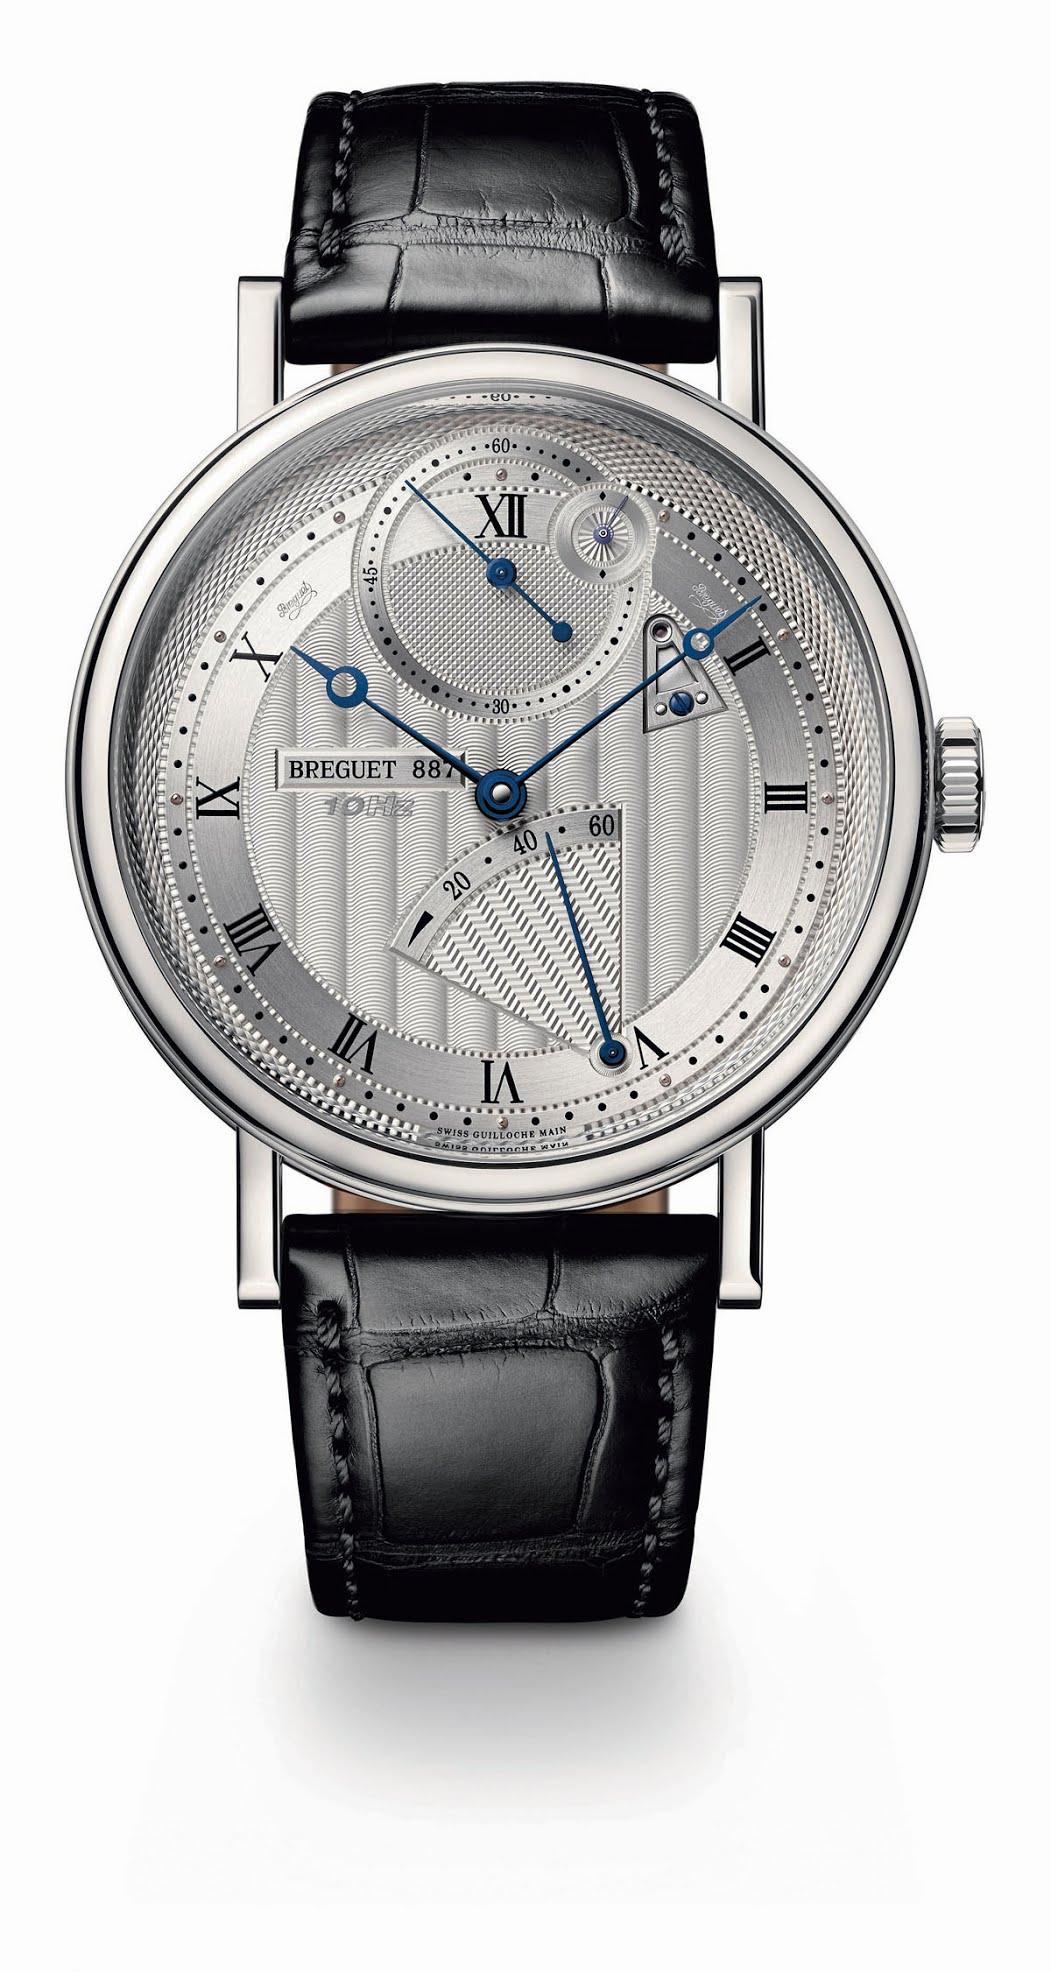 Cette montre Breguet a reçu l'Aiguille d'Or 2014